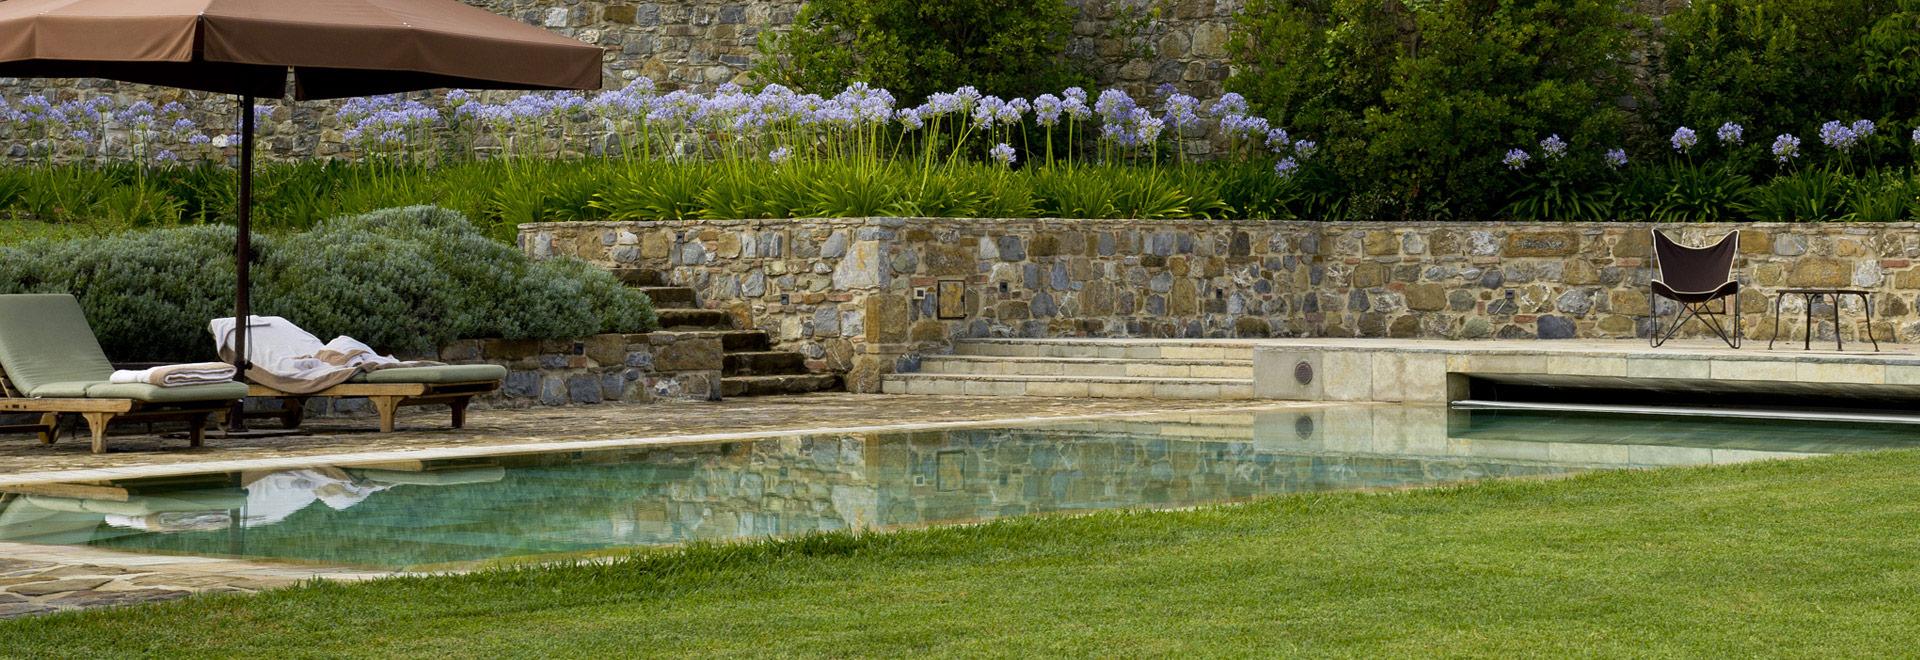 Giardini Con Piscina Realizzazione Giardini Mati 1909